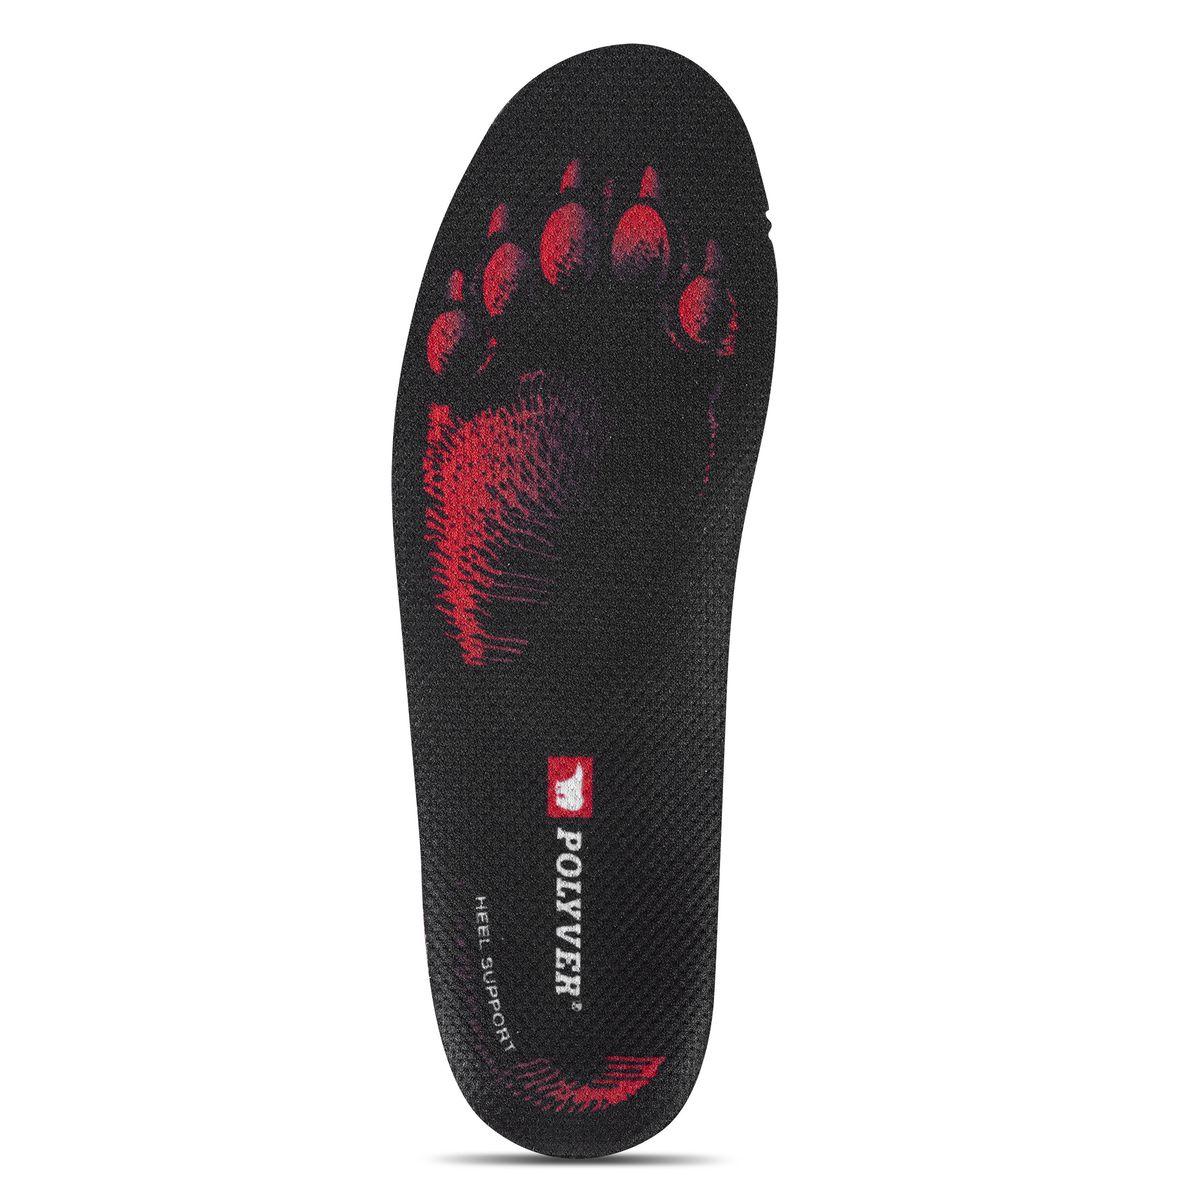 Стельки мужские POLYVER PREMIUM, цвет: красно-черный. Размер: 42-43AM-INSO-4Термоизоляционные стельки Polyver отлично защищают ноги от холода при этом отводя лишнюю влагу. Стельки состоят из трех слоев: впитывающий влагу, амортизационный, термоизоляционный. Комфорт:- анатомическая форма с поддержкой пятки- стабилизация стопы для уменьшения боли с суставах- повышает устойчивость и уменьшает усталость - производятся только в Швеции